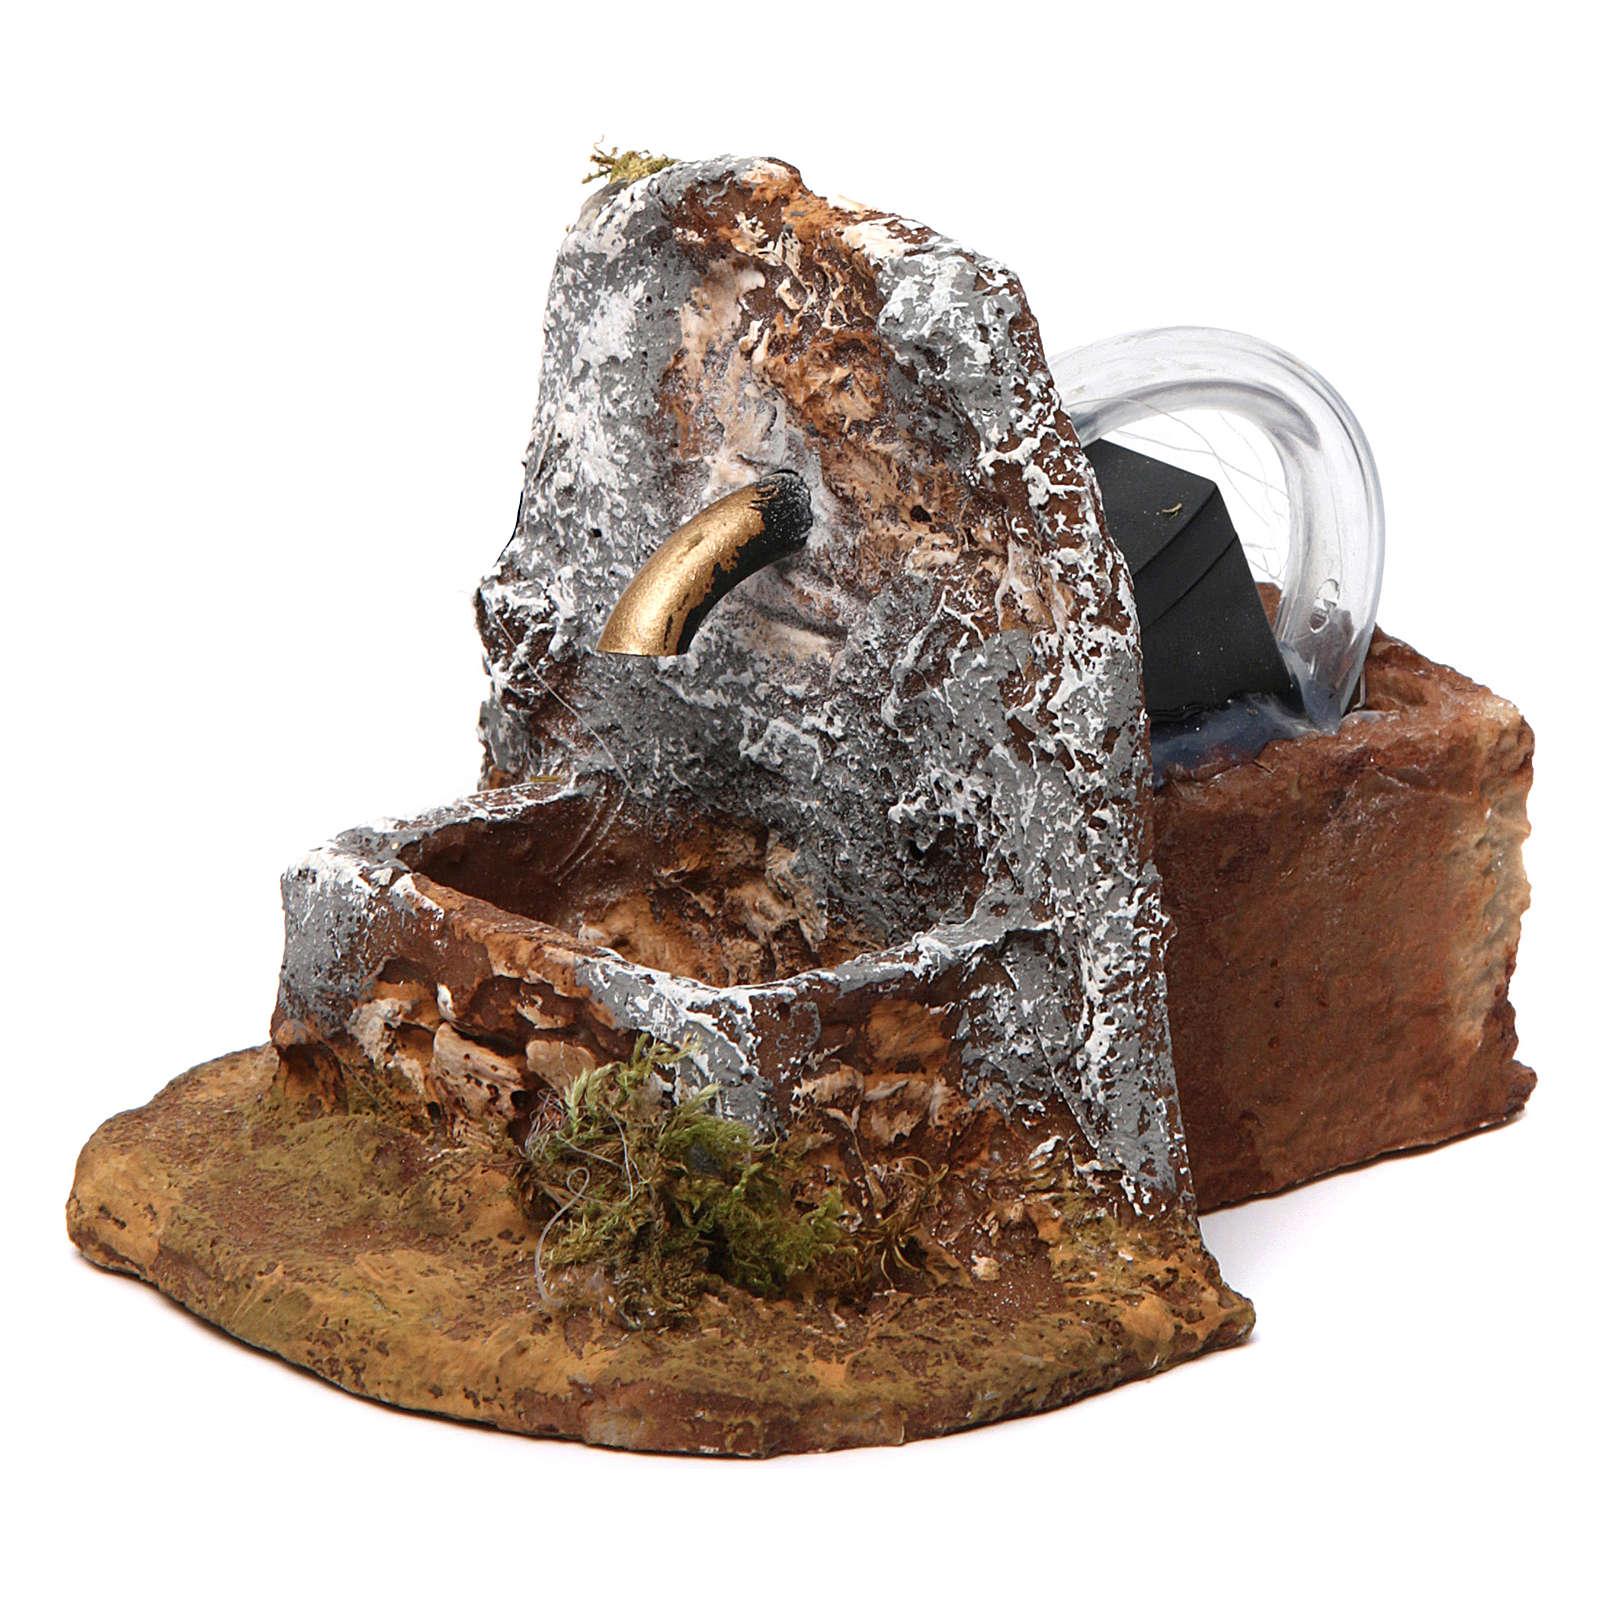 Fuente de resina 10x10x15 cm belén napolitano 4